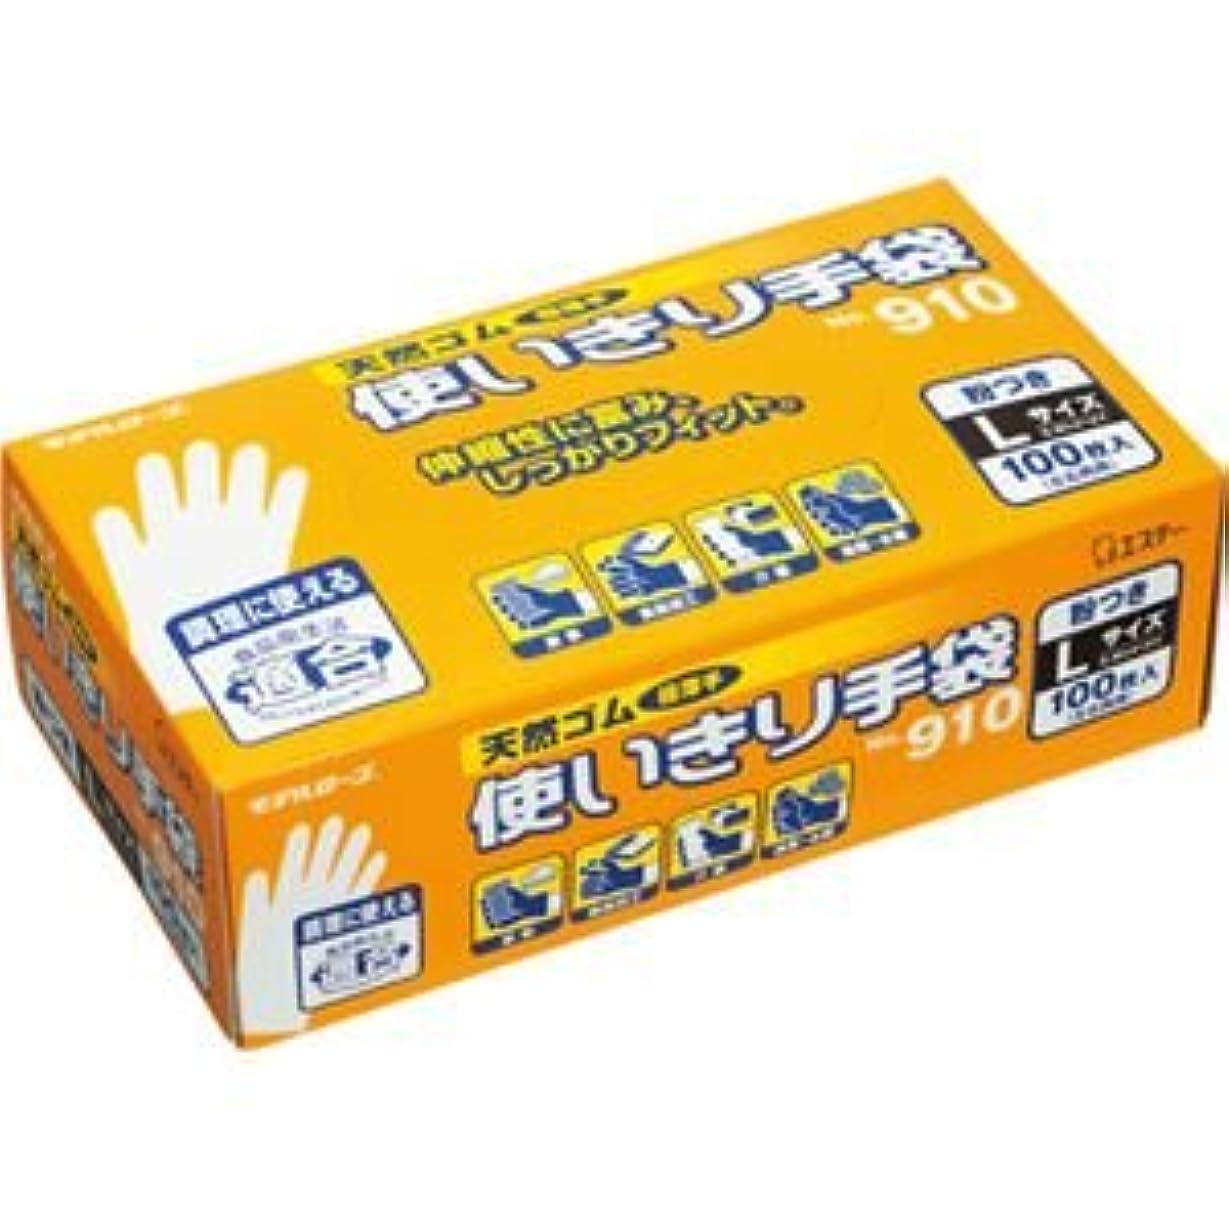 充電電極コークス(まとめ) エステー No.910 天然ゴム使いきり手袋(粉付) L 1箱(100枚) 【×5セット】 ds-1580593